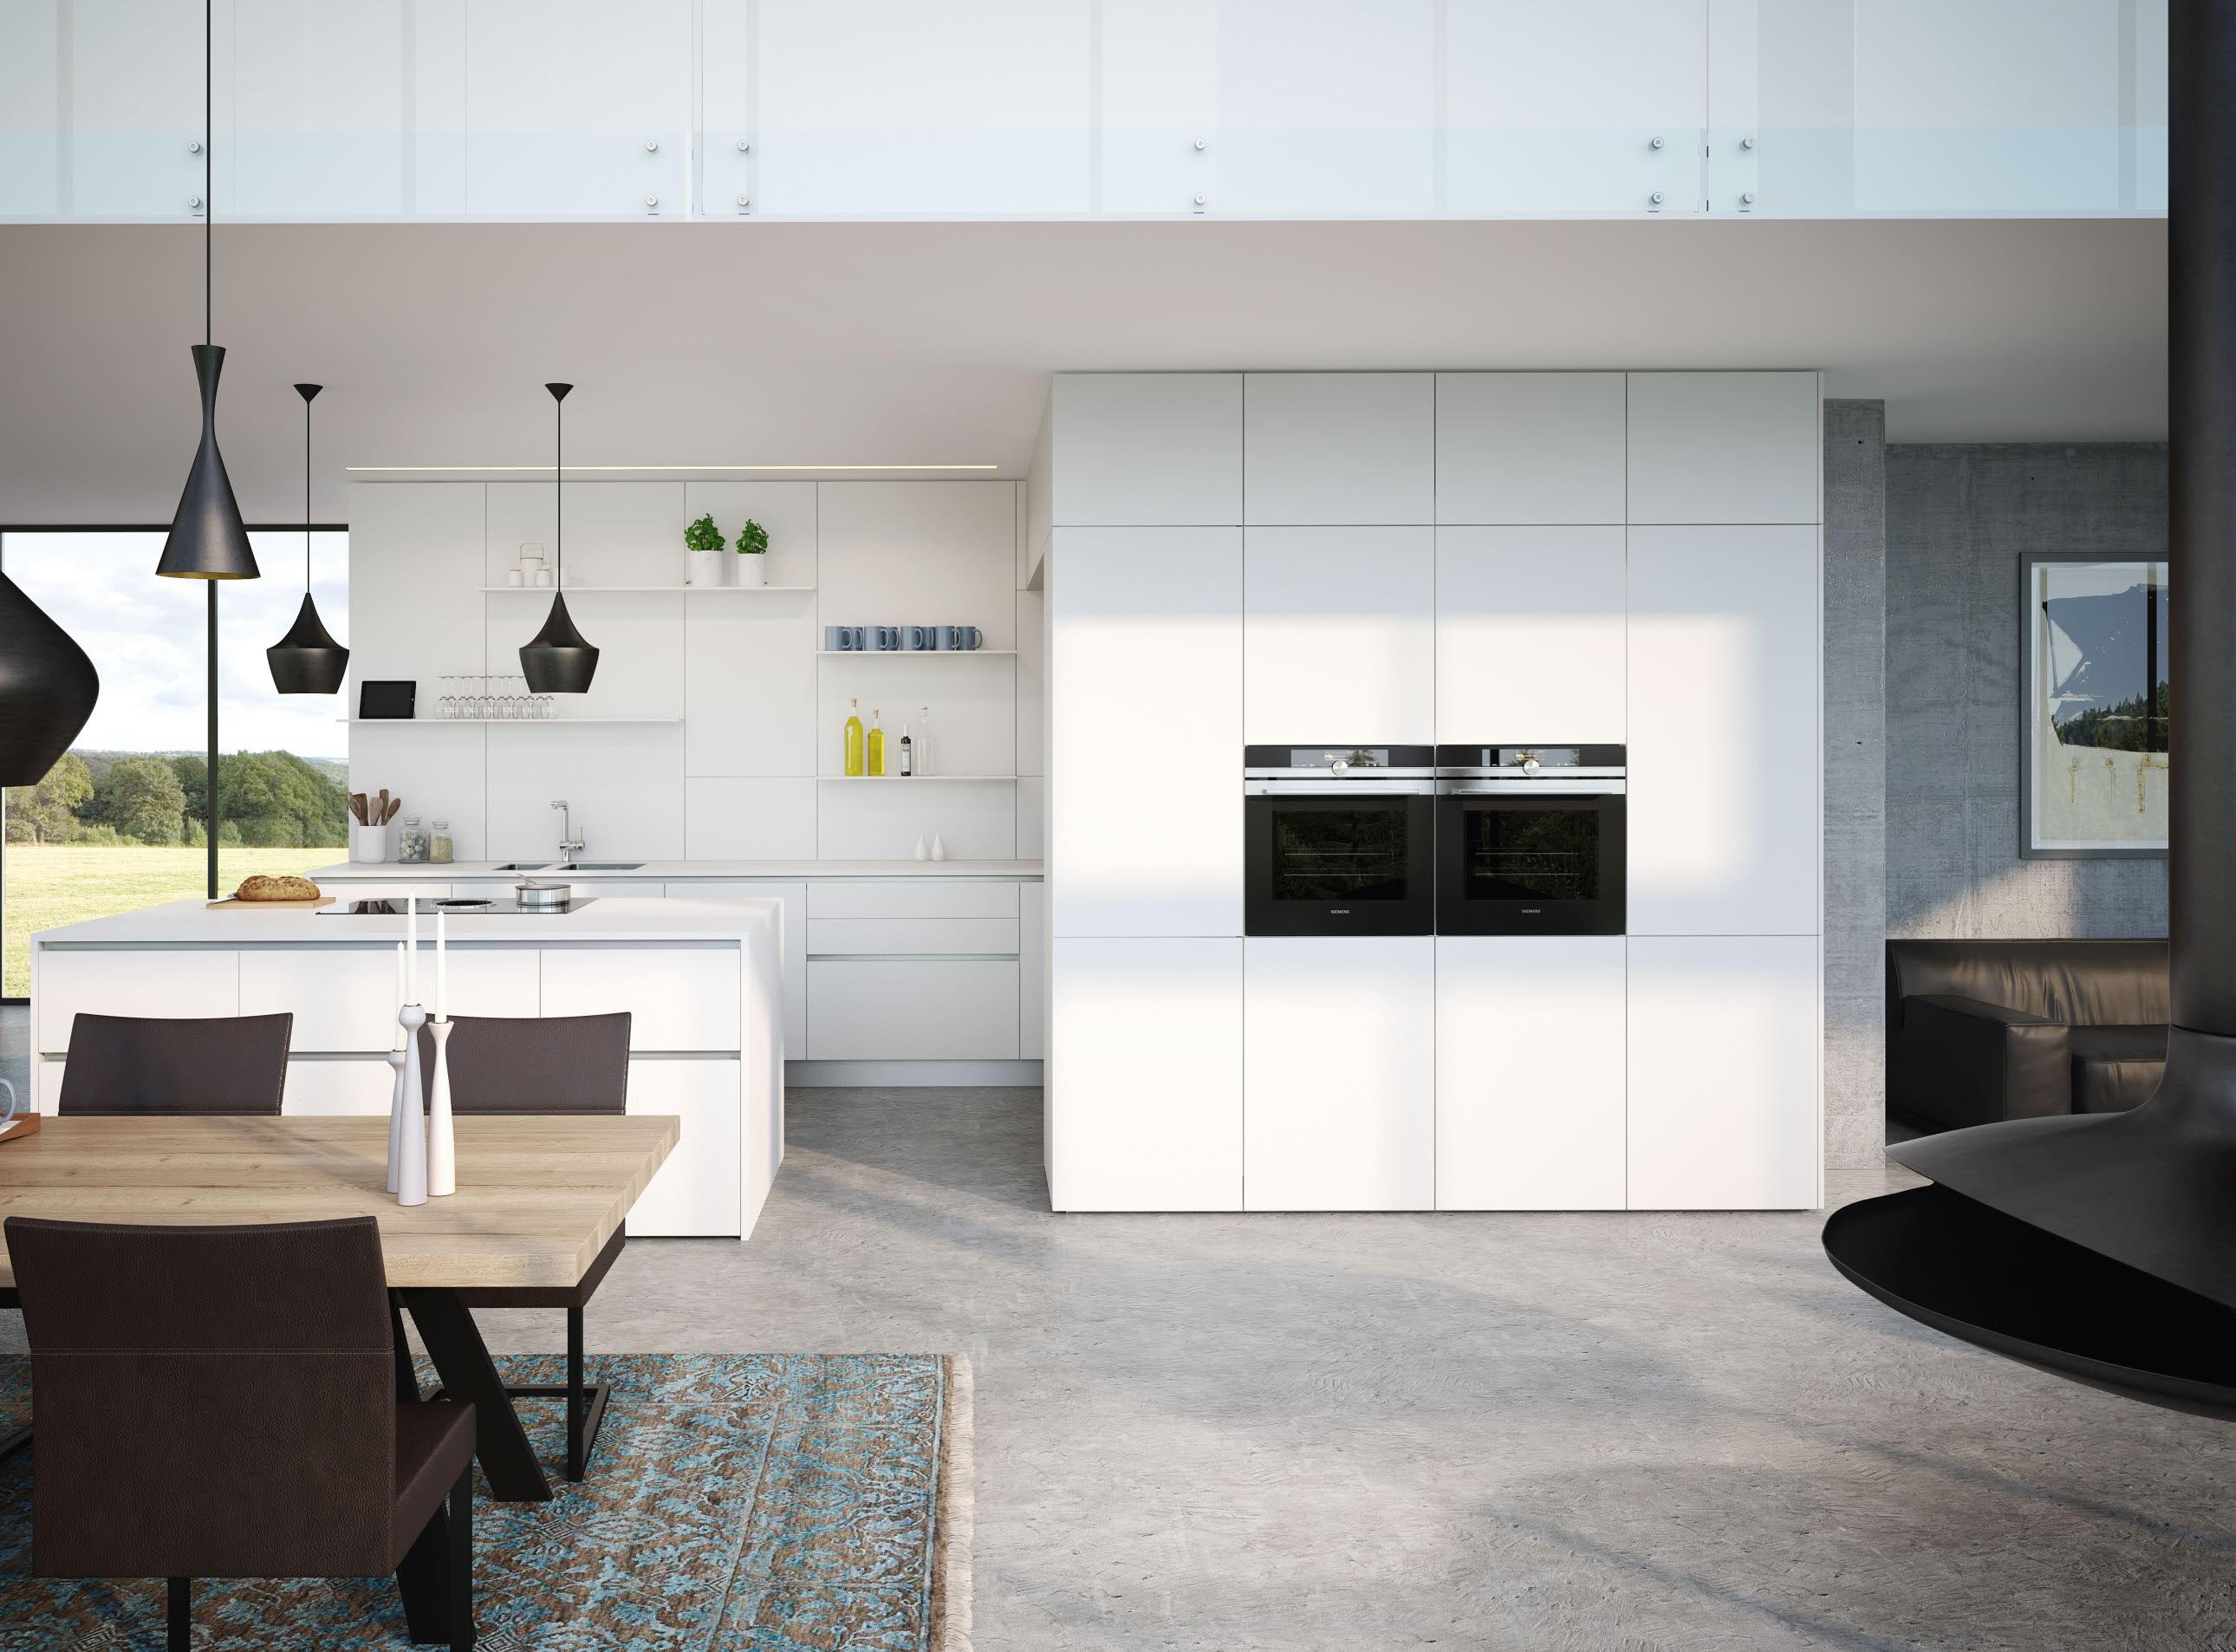 Gemütlich Kostenlose Interaktive Online Küche Design Tools Bilder ...